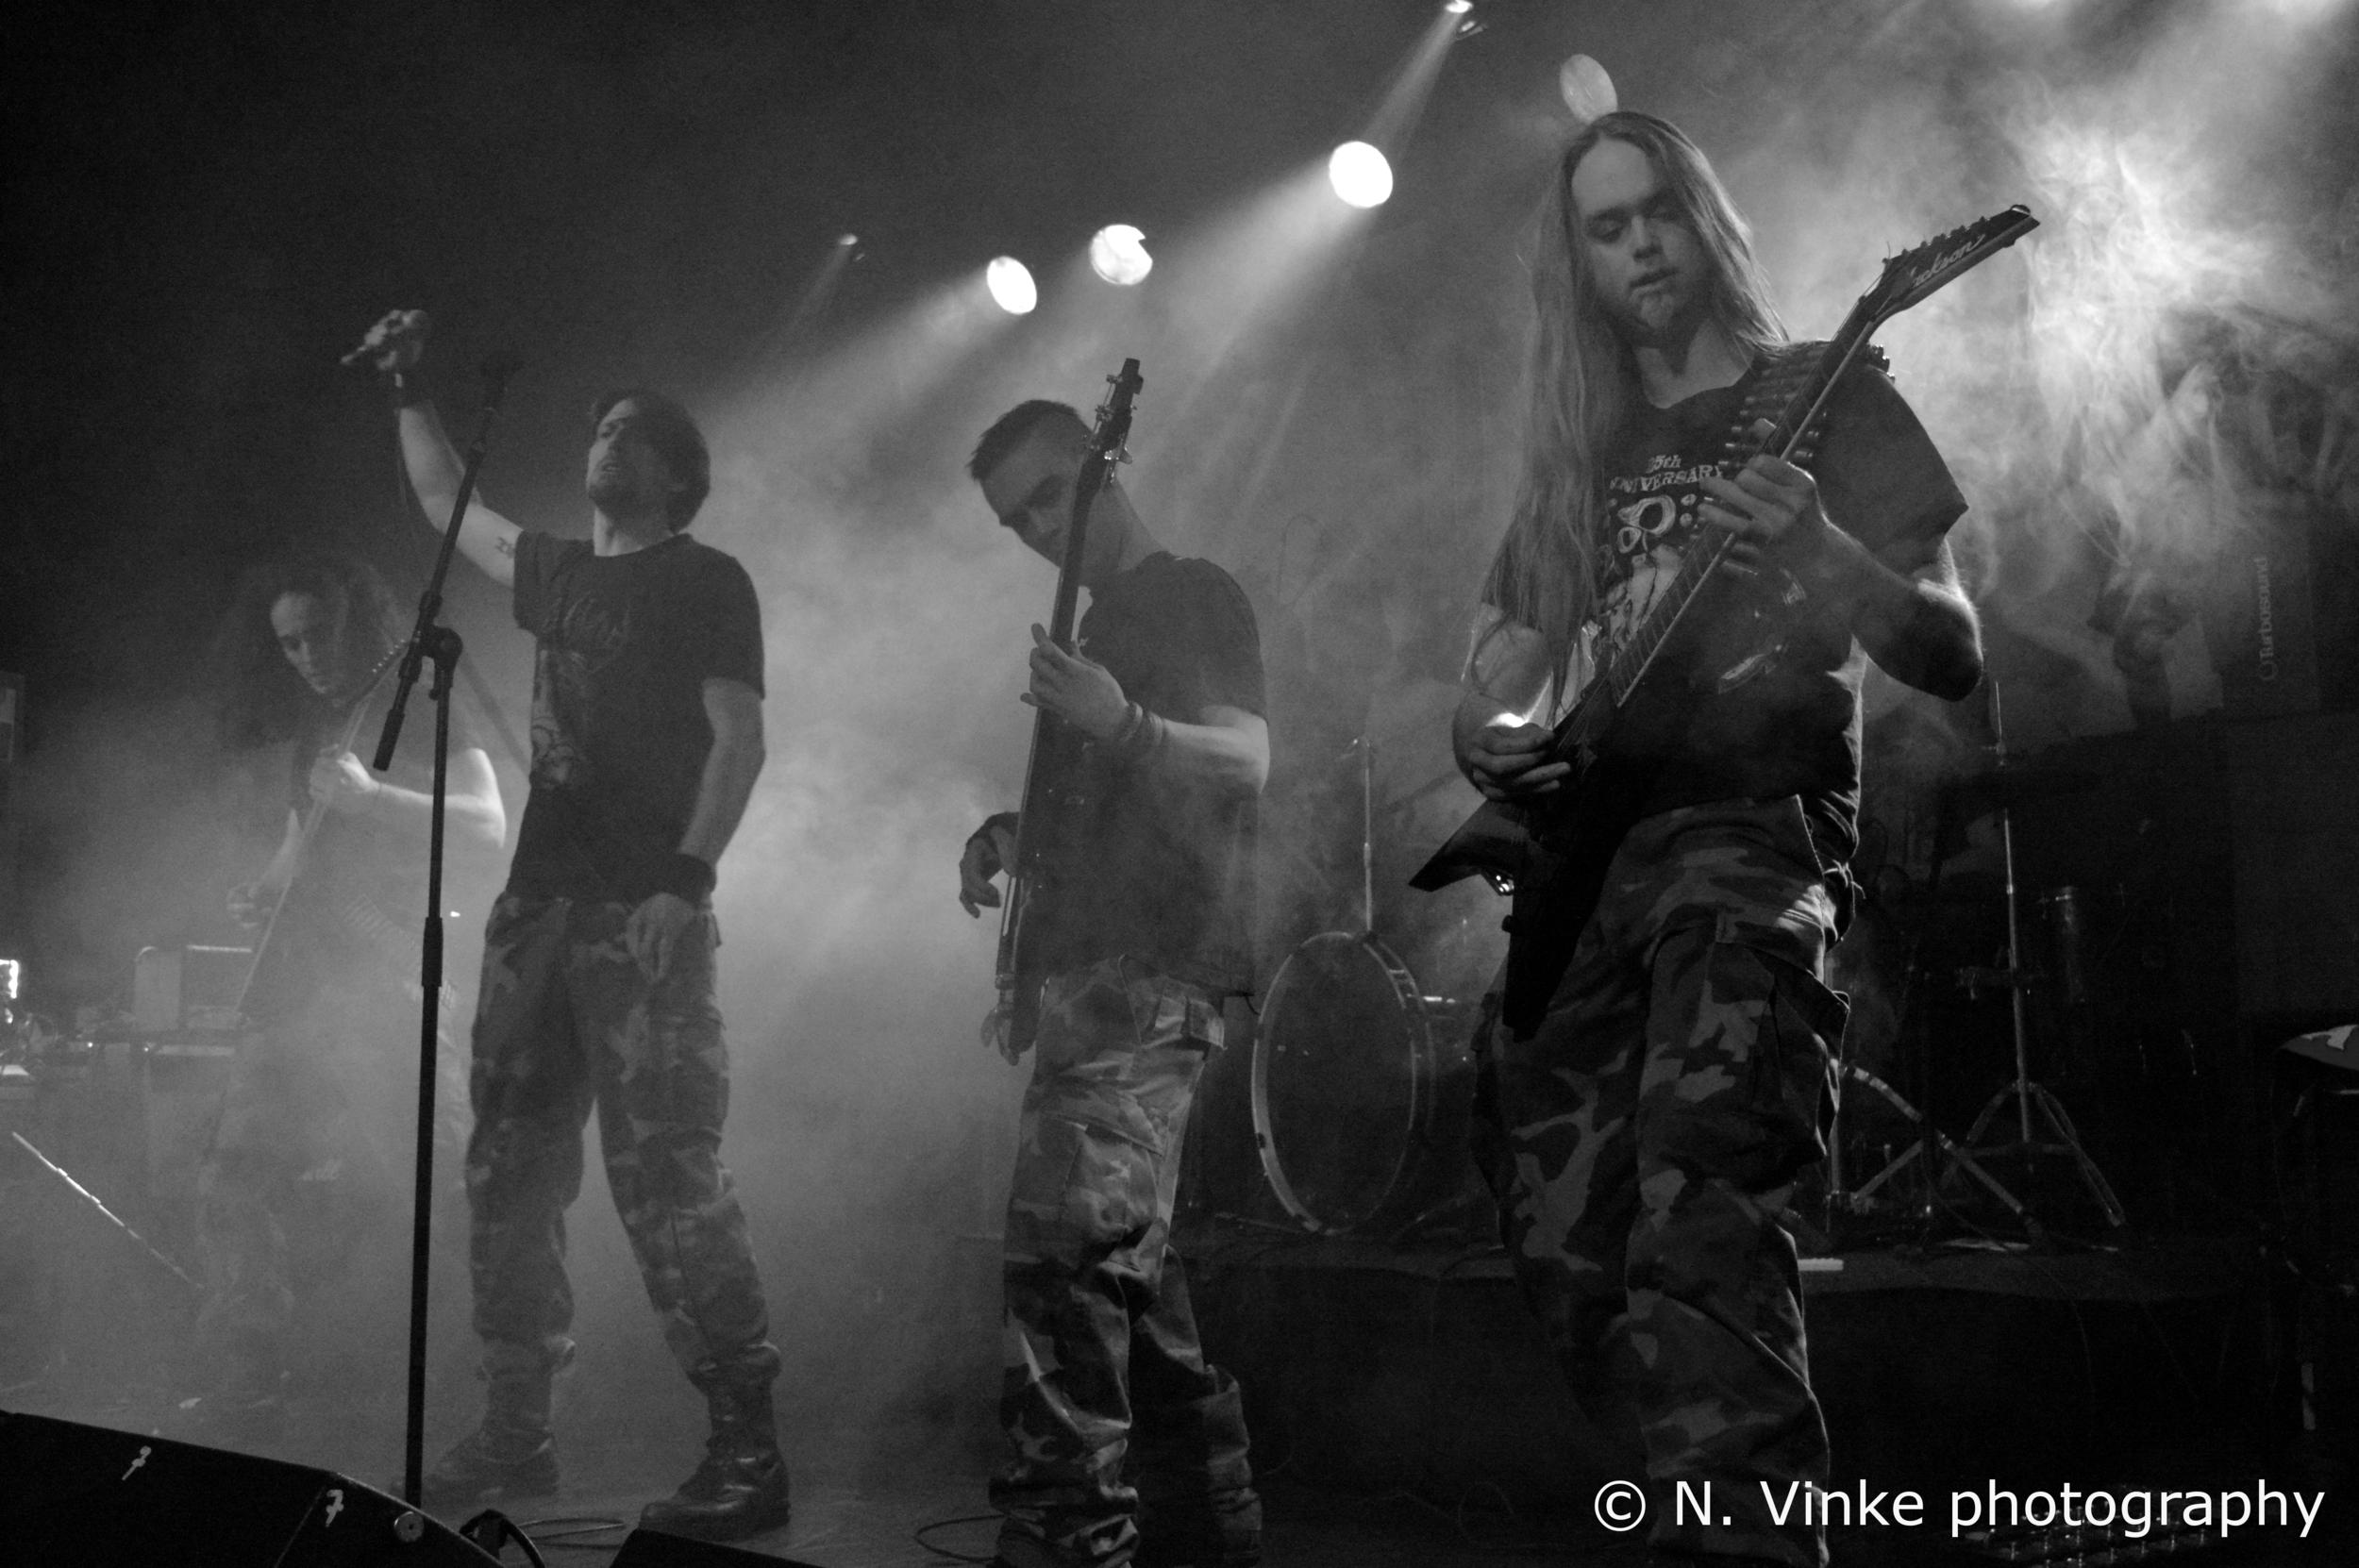 Photo by  N. Vinke photography